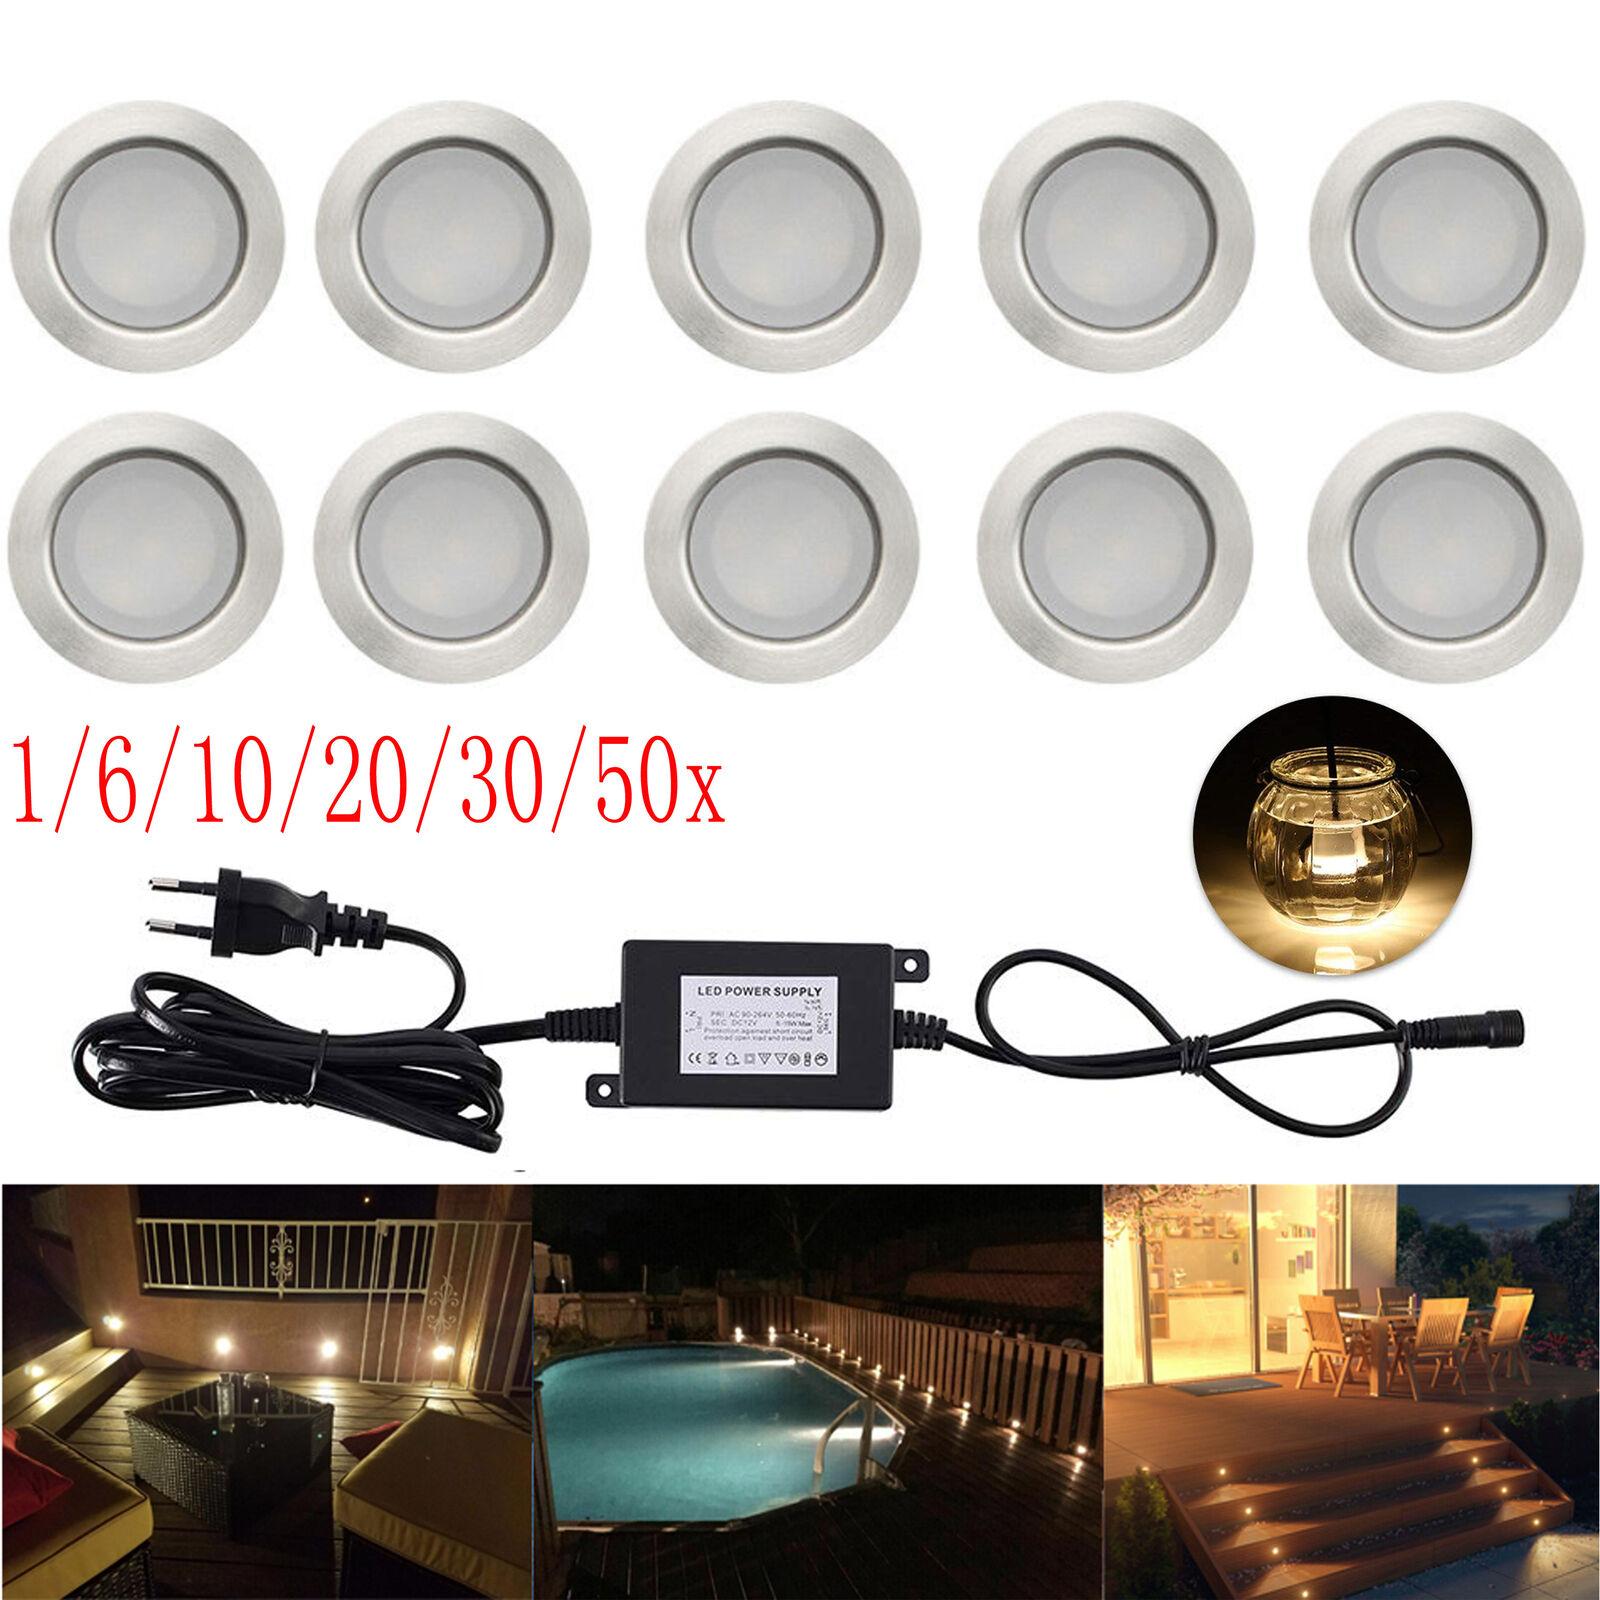 1-50er 1W 45mm 12V LED Spots Terrasse Außen Boden Einbaustrahler Warmweiß IP67     | ein guter Ruf in der Welt  | Tadellos  | Förderung